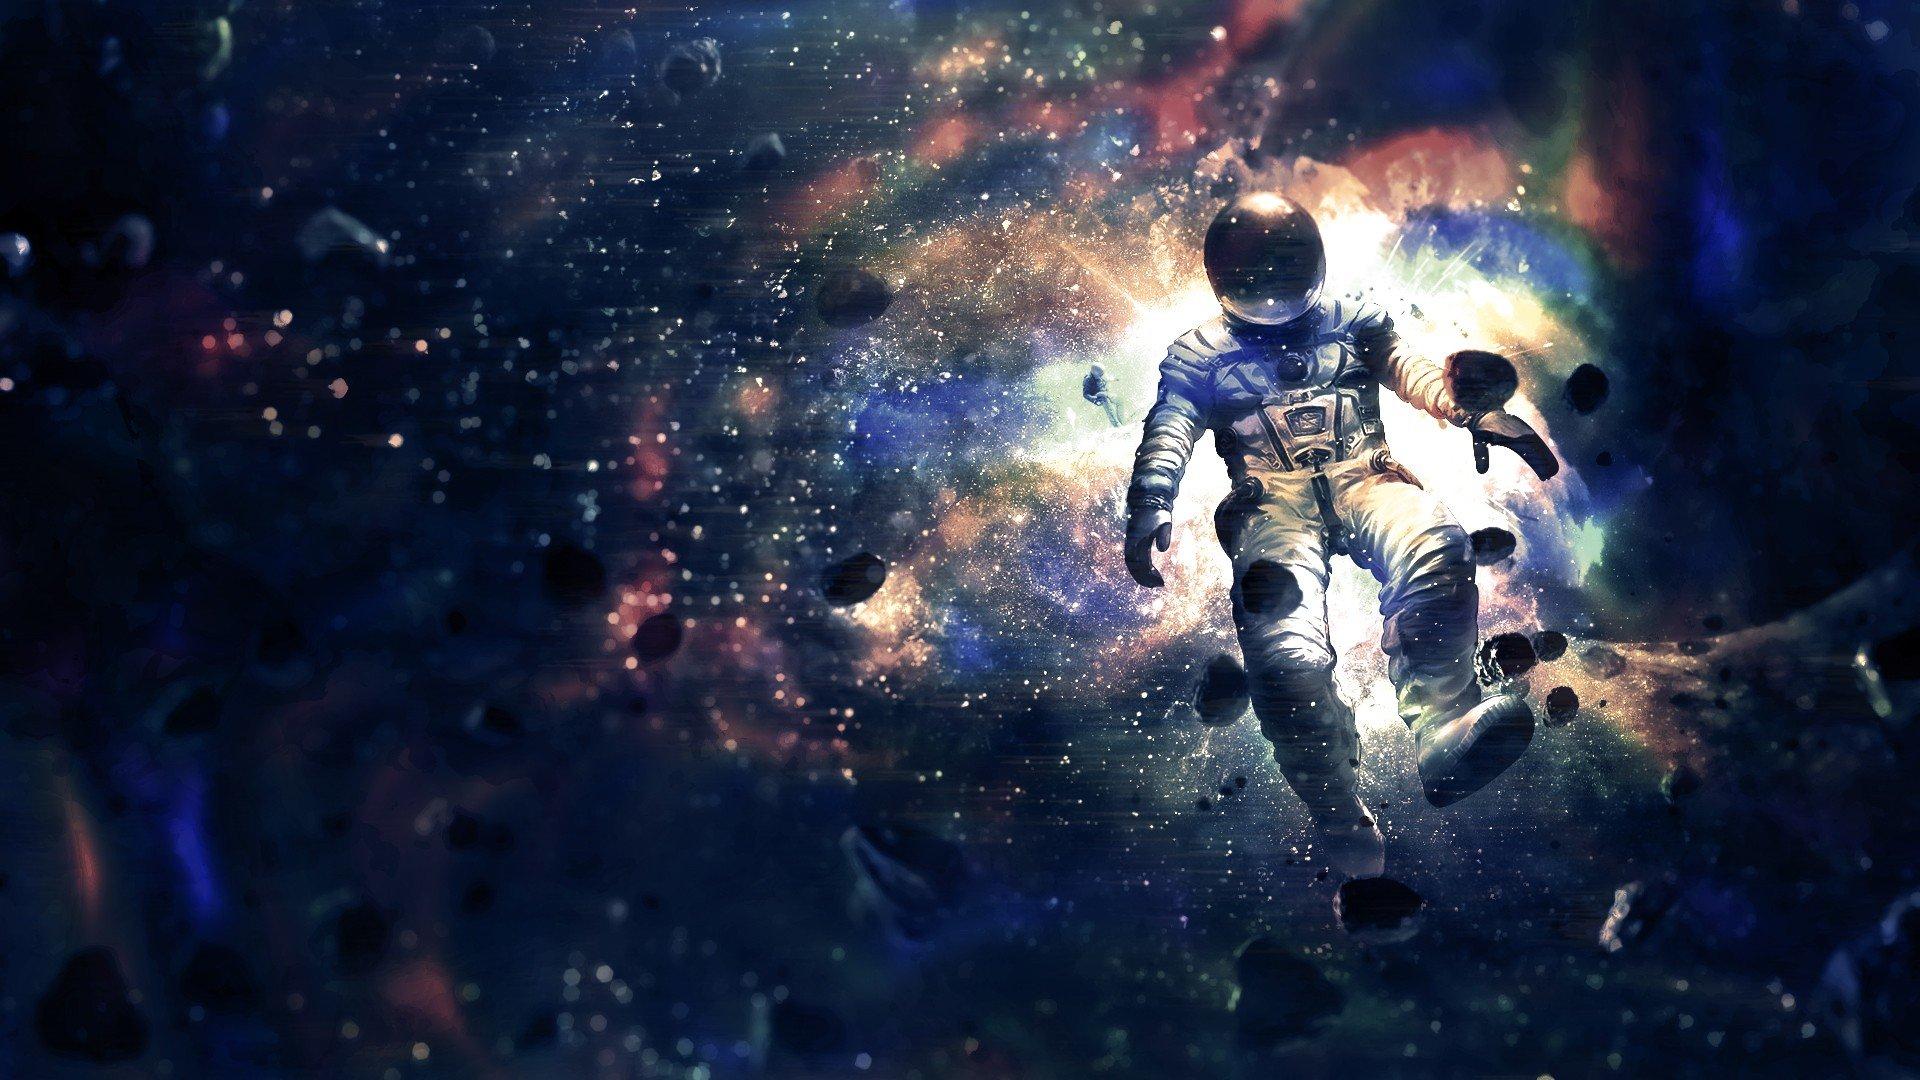 space calm lsd drugs fantacy hd wallpapers desktop